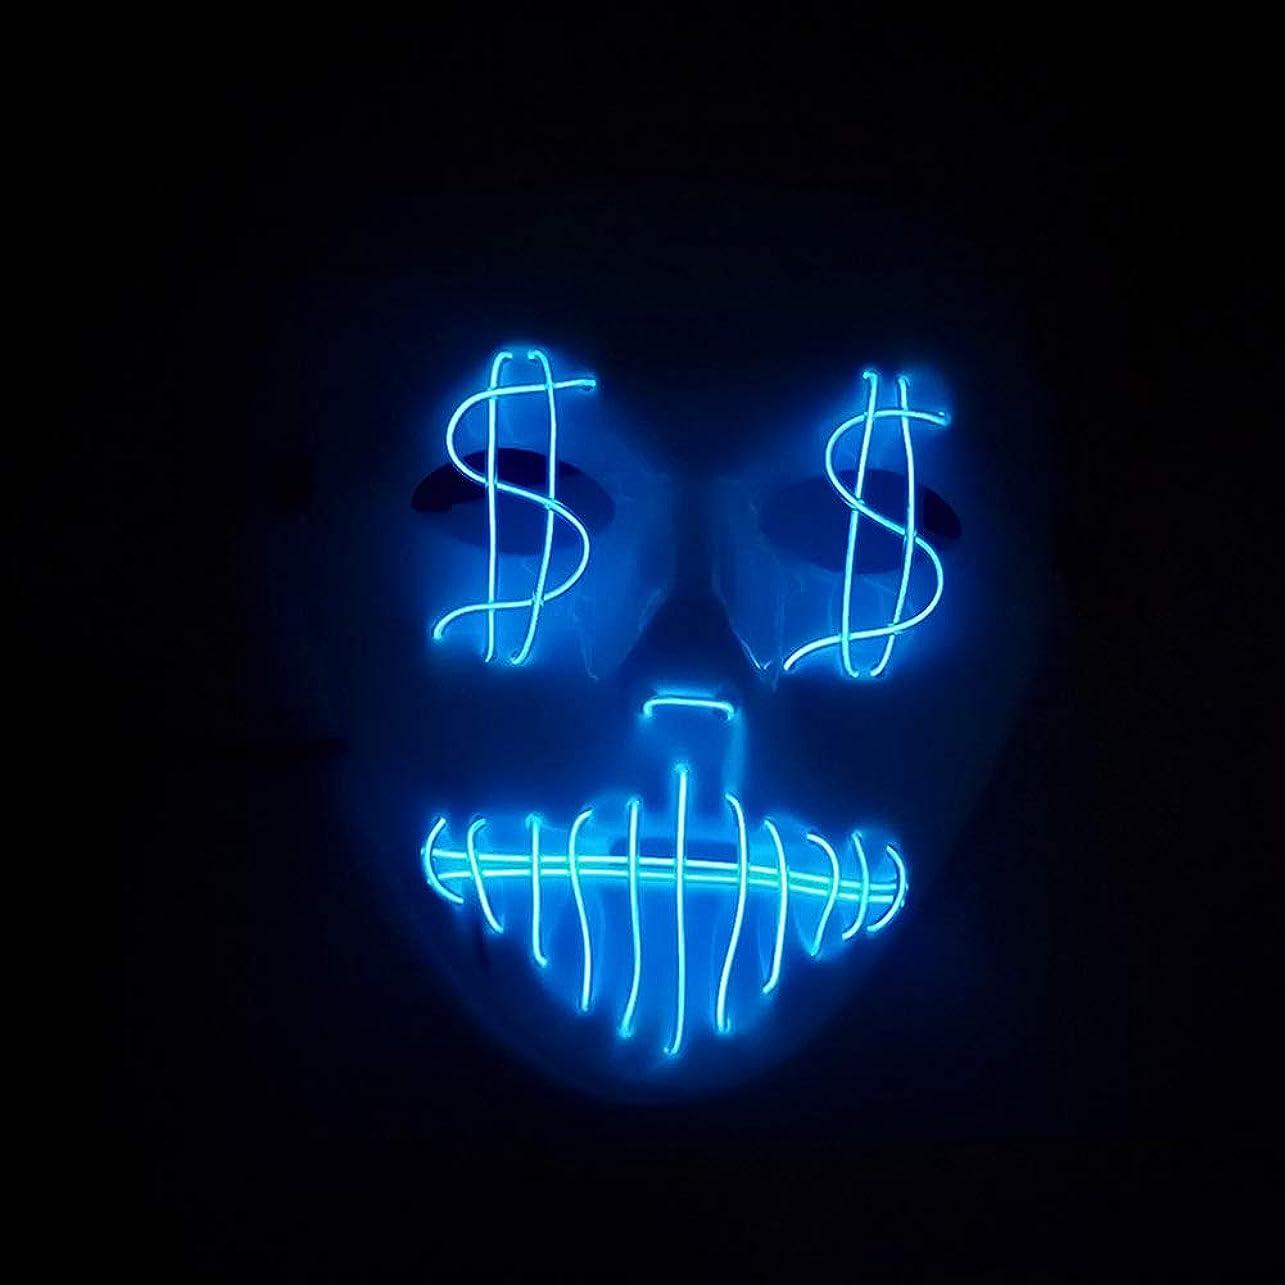 ペニー視線ニッケルテロ イルミネーション LED マスク 2個 ハロウィン EL ワイヤー ゴールドライン 口を絞る プロム パーティー マスク (18 * 18 * 9センチメートル) MAG.AL